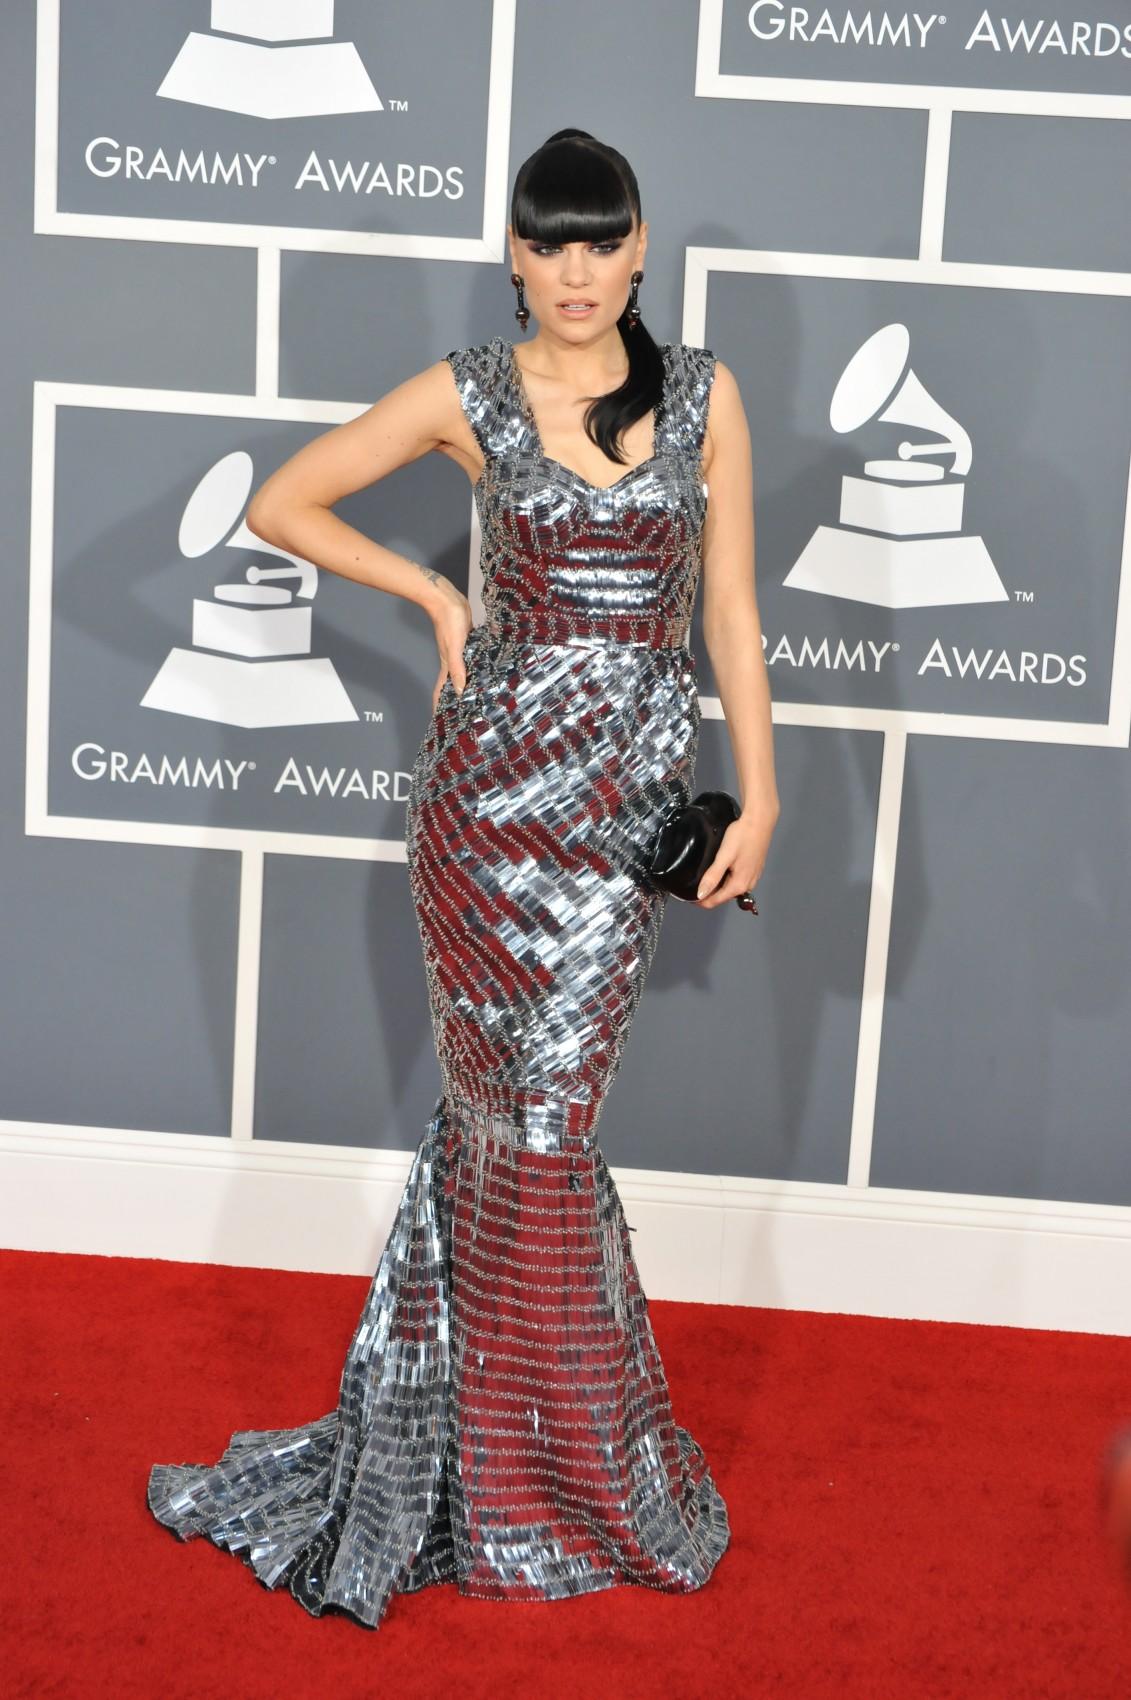 1. Jessie J